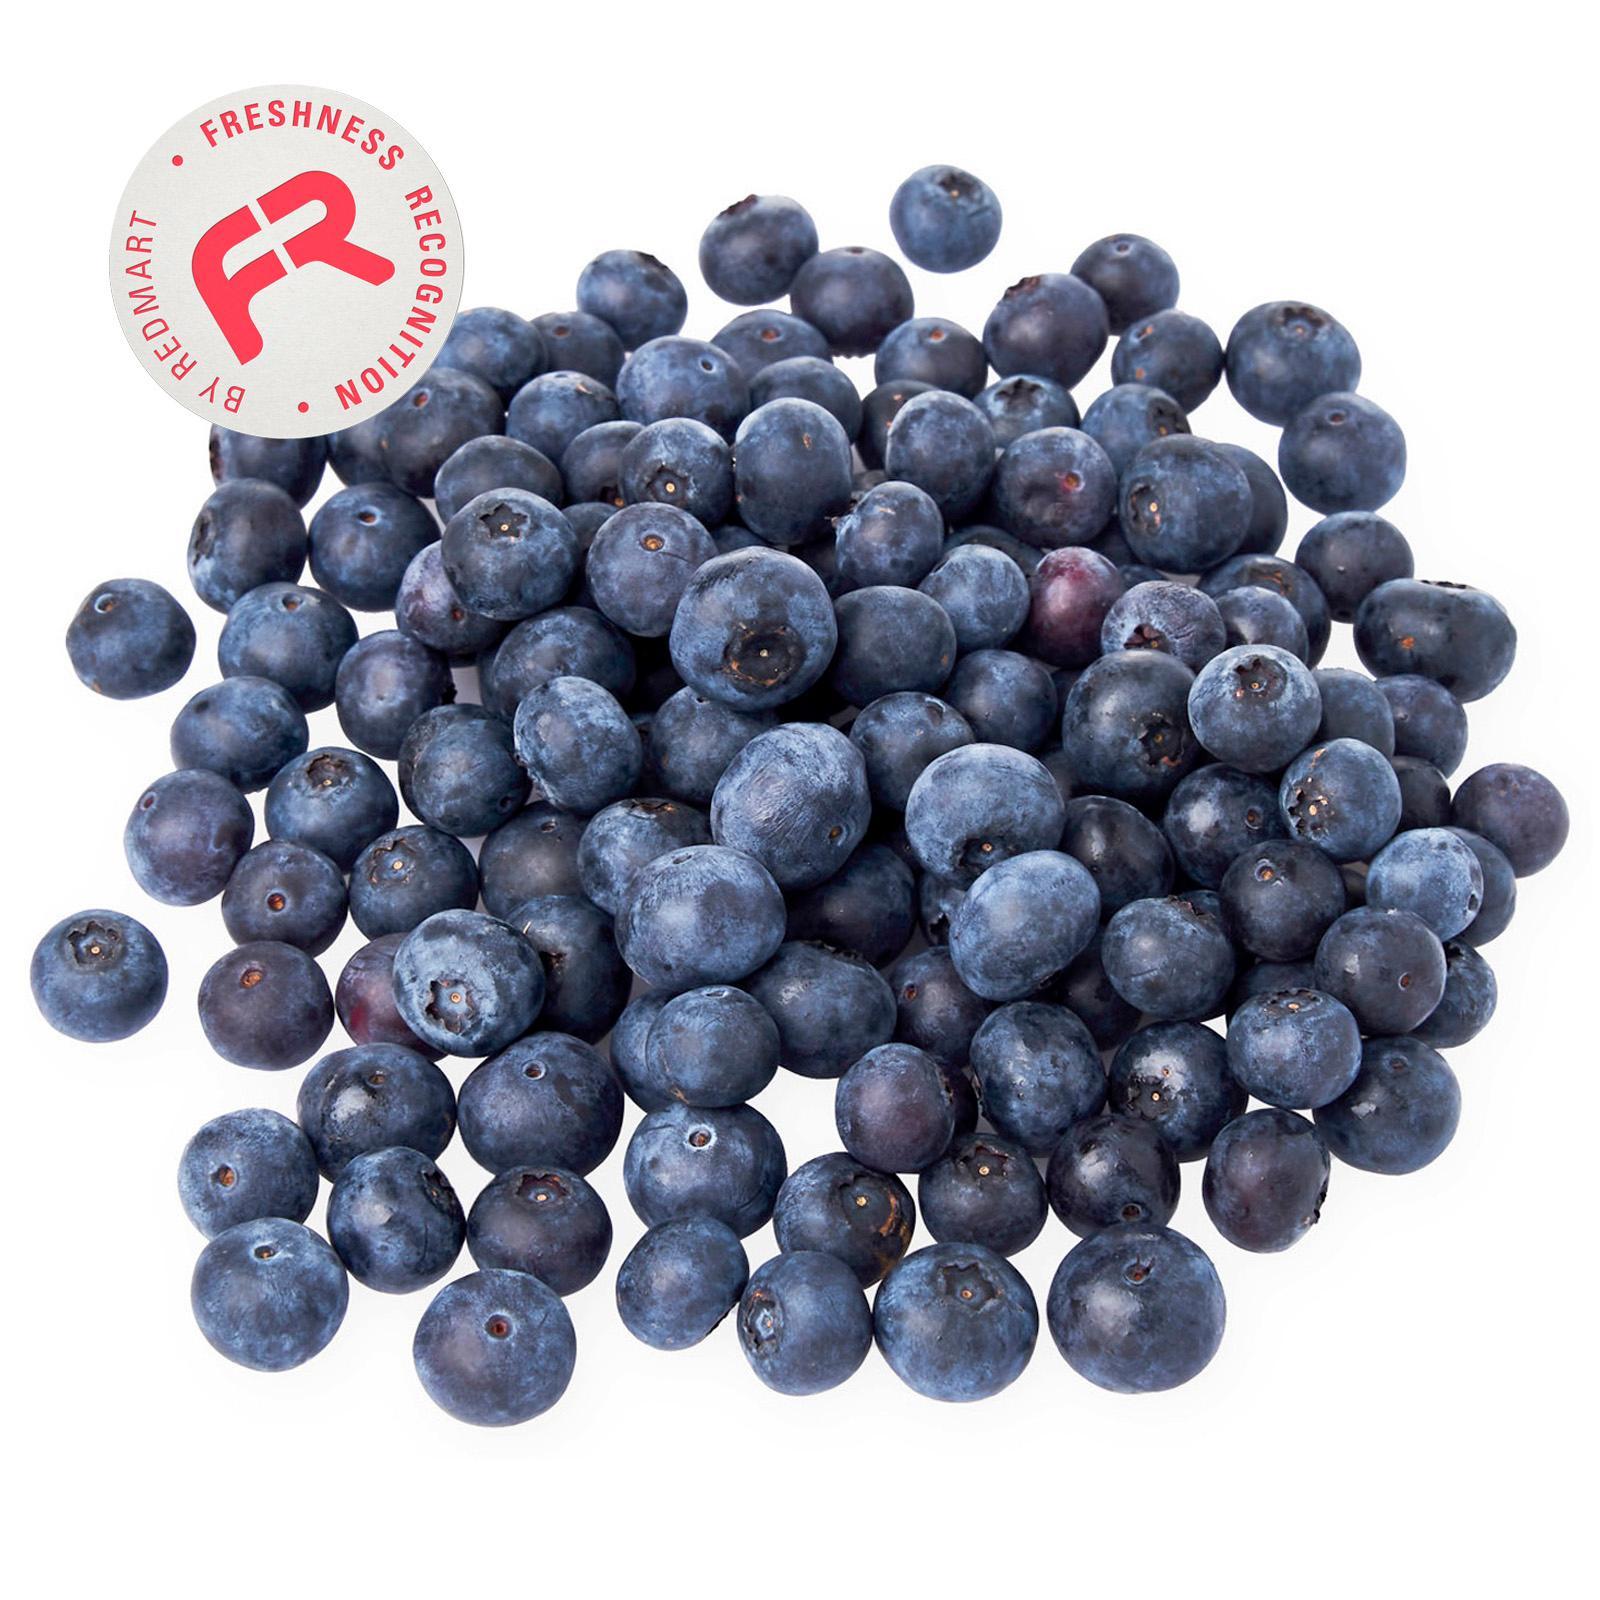 RedMart Blueberries 250g